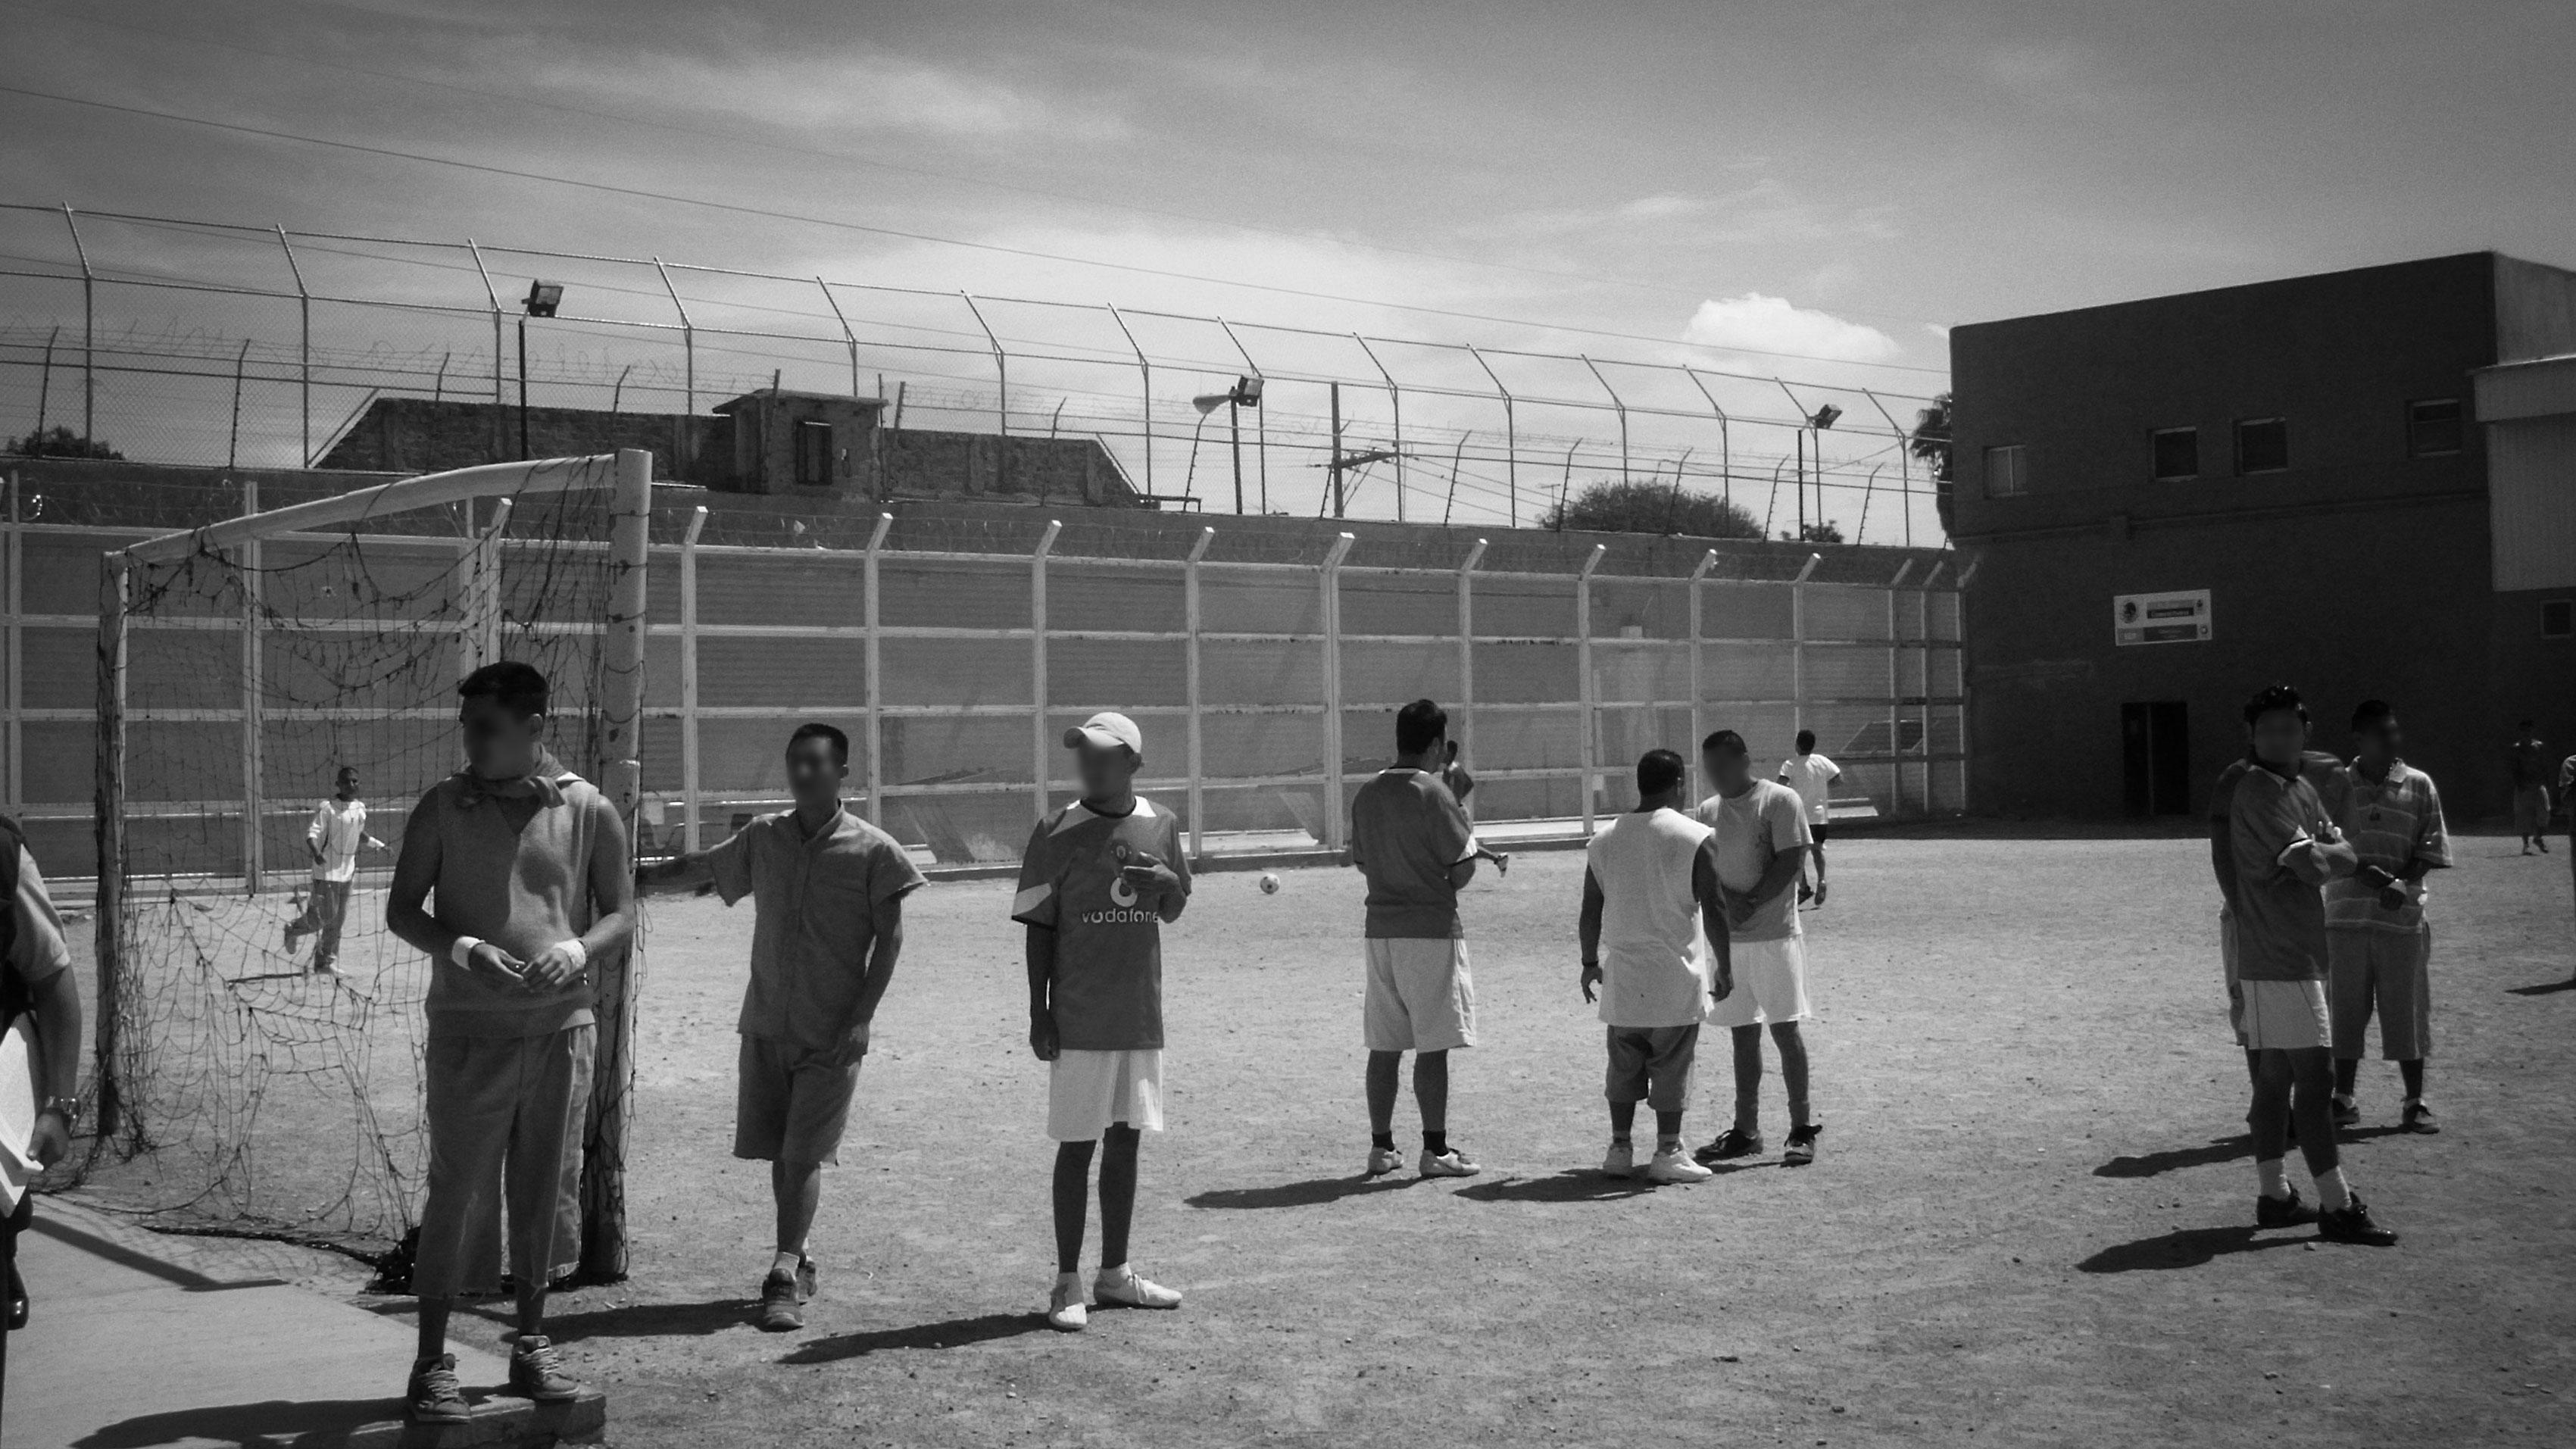 El voto de las personas en prisión podrá cambiar el panorama penitenciario